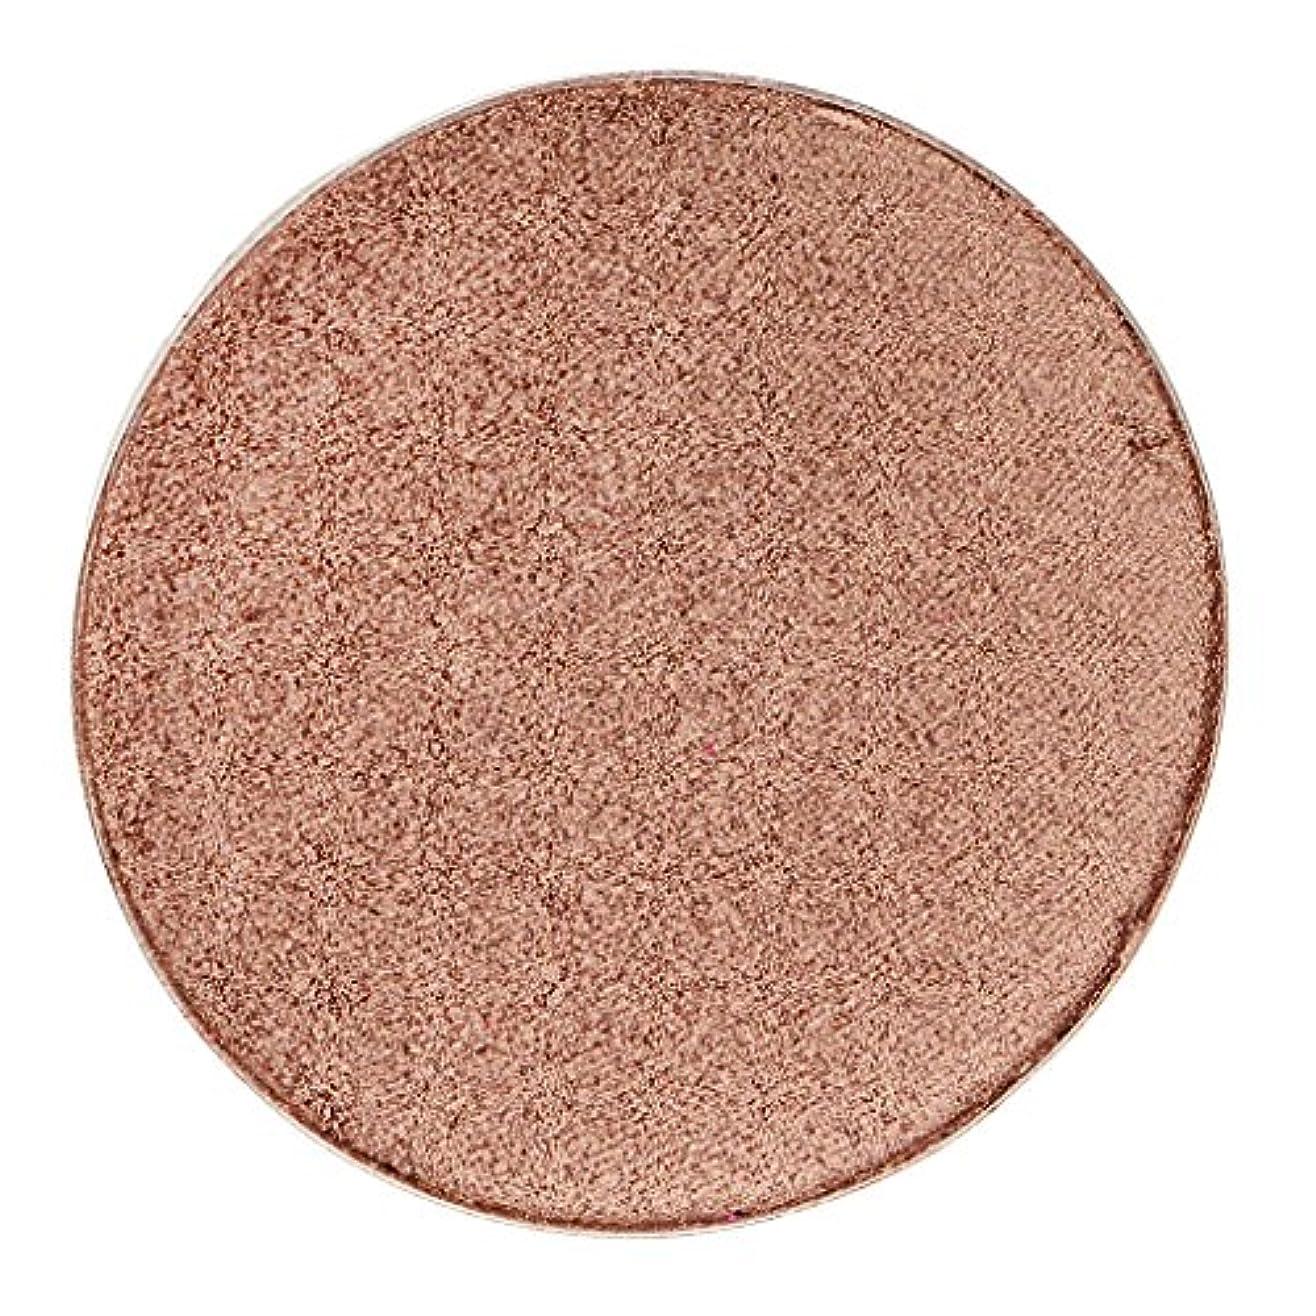 ウール転送陰気美容キラキラアイシャドウパレット化粧品アイシャドウメイク5色 - #39ブラウン